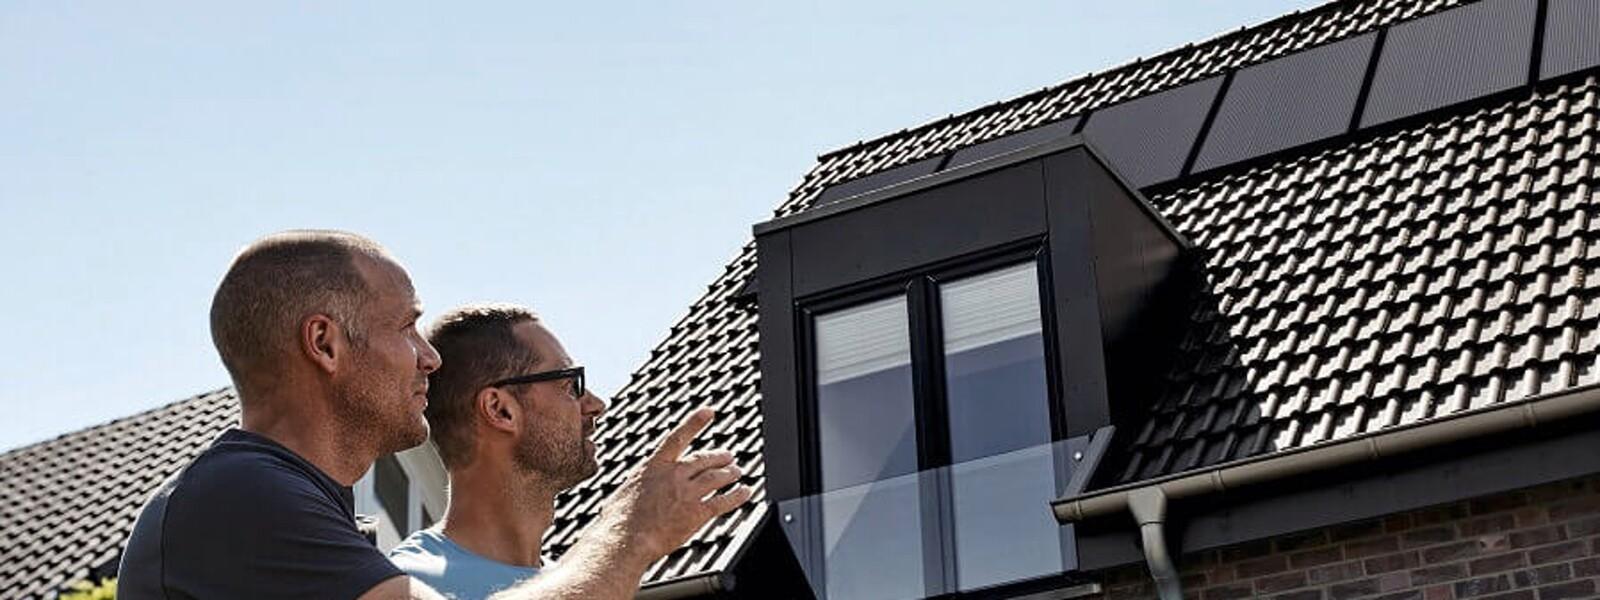 Zwei Männer schauen auf ein Dach, auf dem eine Photovoltaikanlage platziert ist